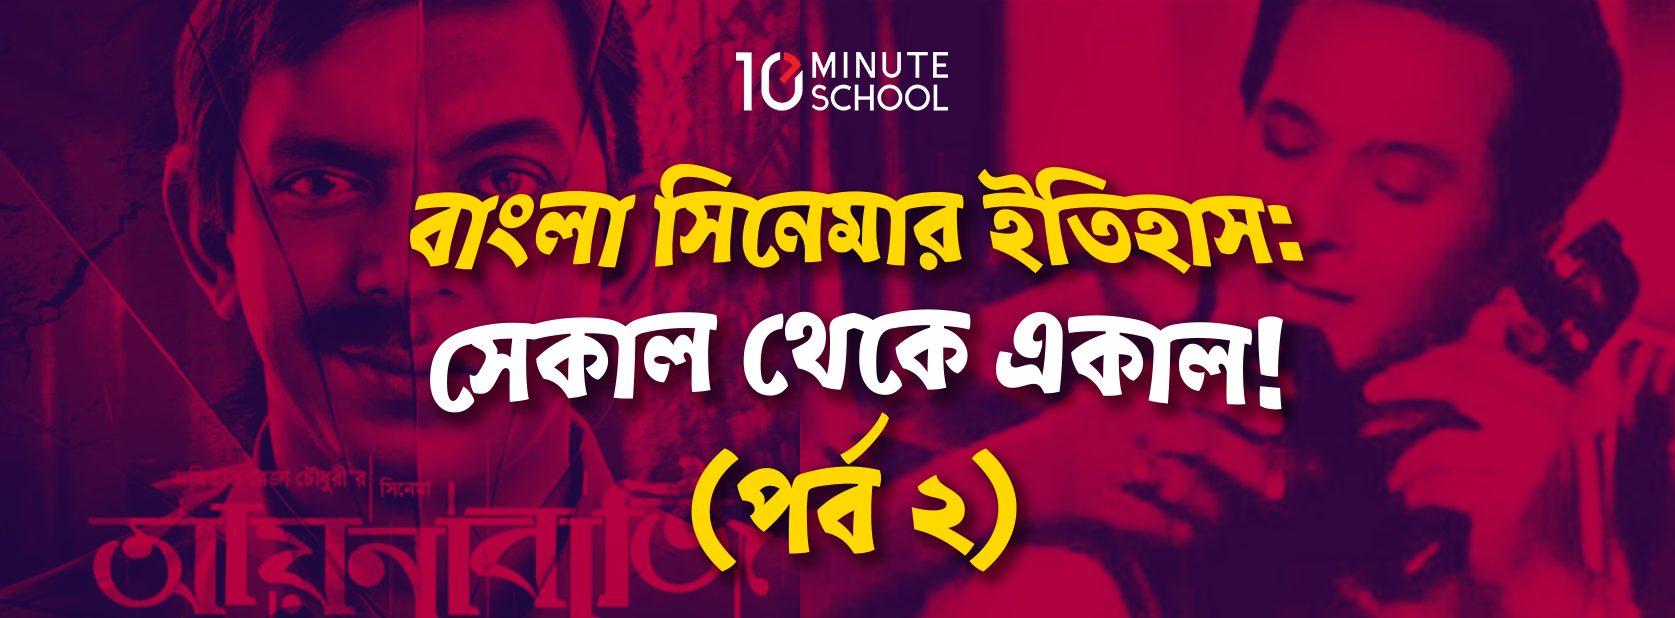 বাংলা সিনেমা ও ইতিহাস: সেকাল থেকে একাল! (পর্ব ২)